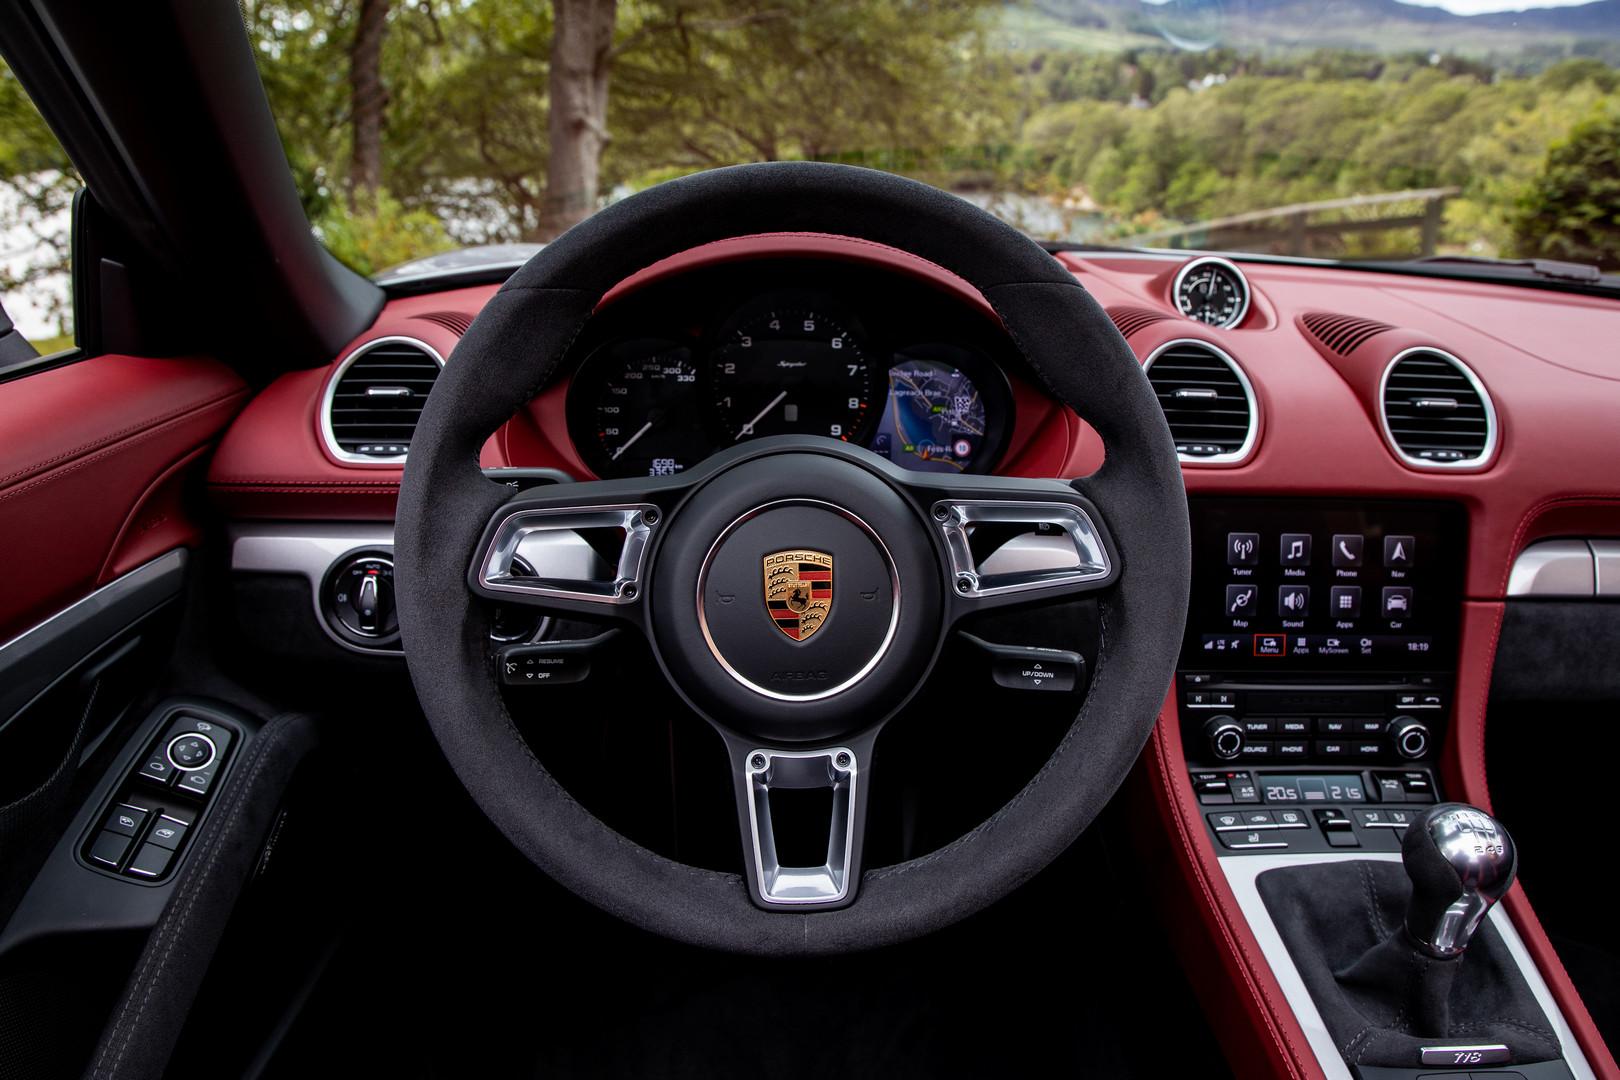 Porsche 718 Spyder Steering Wheel